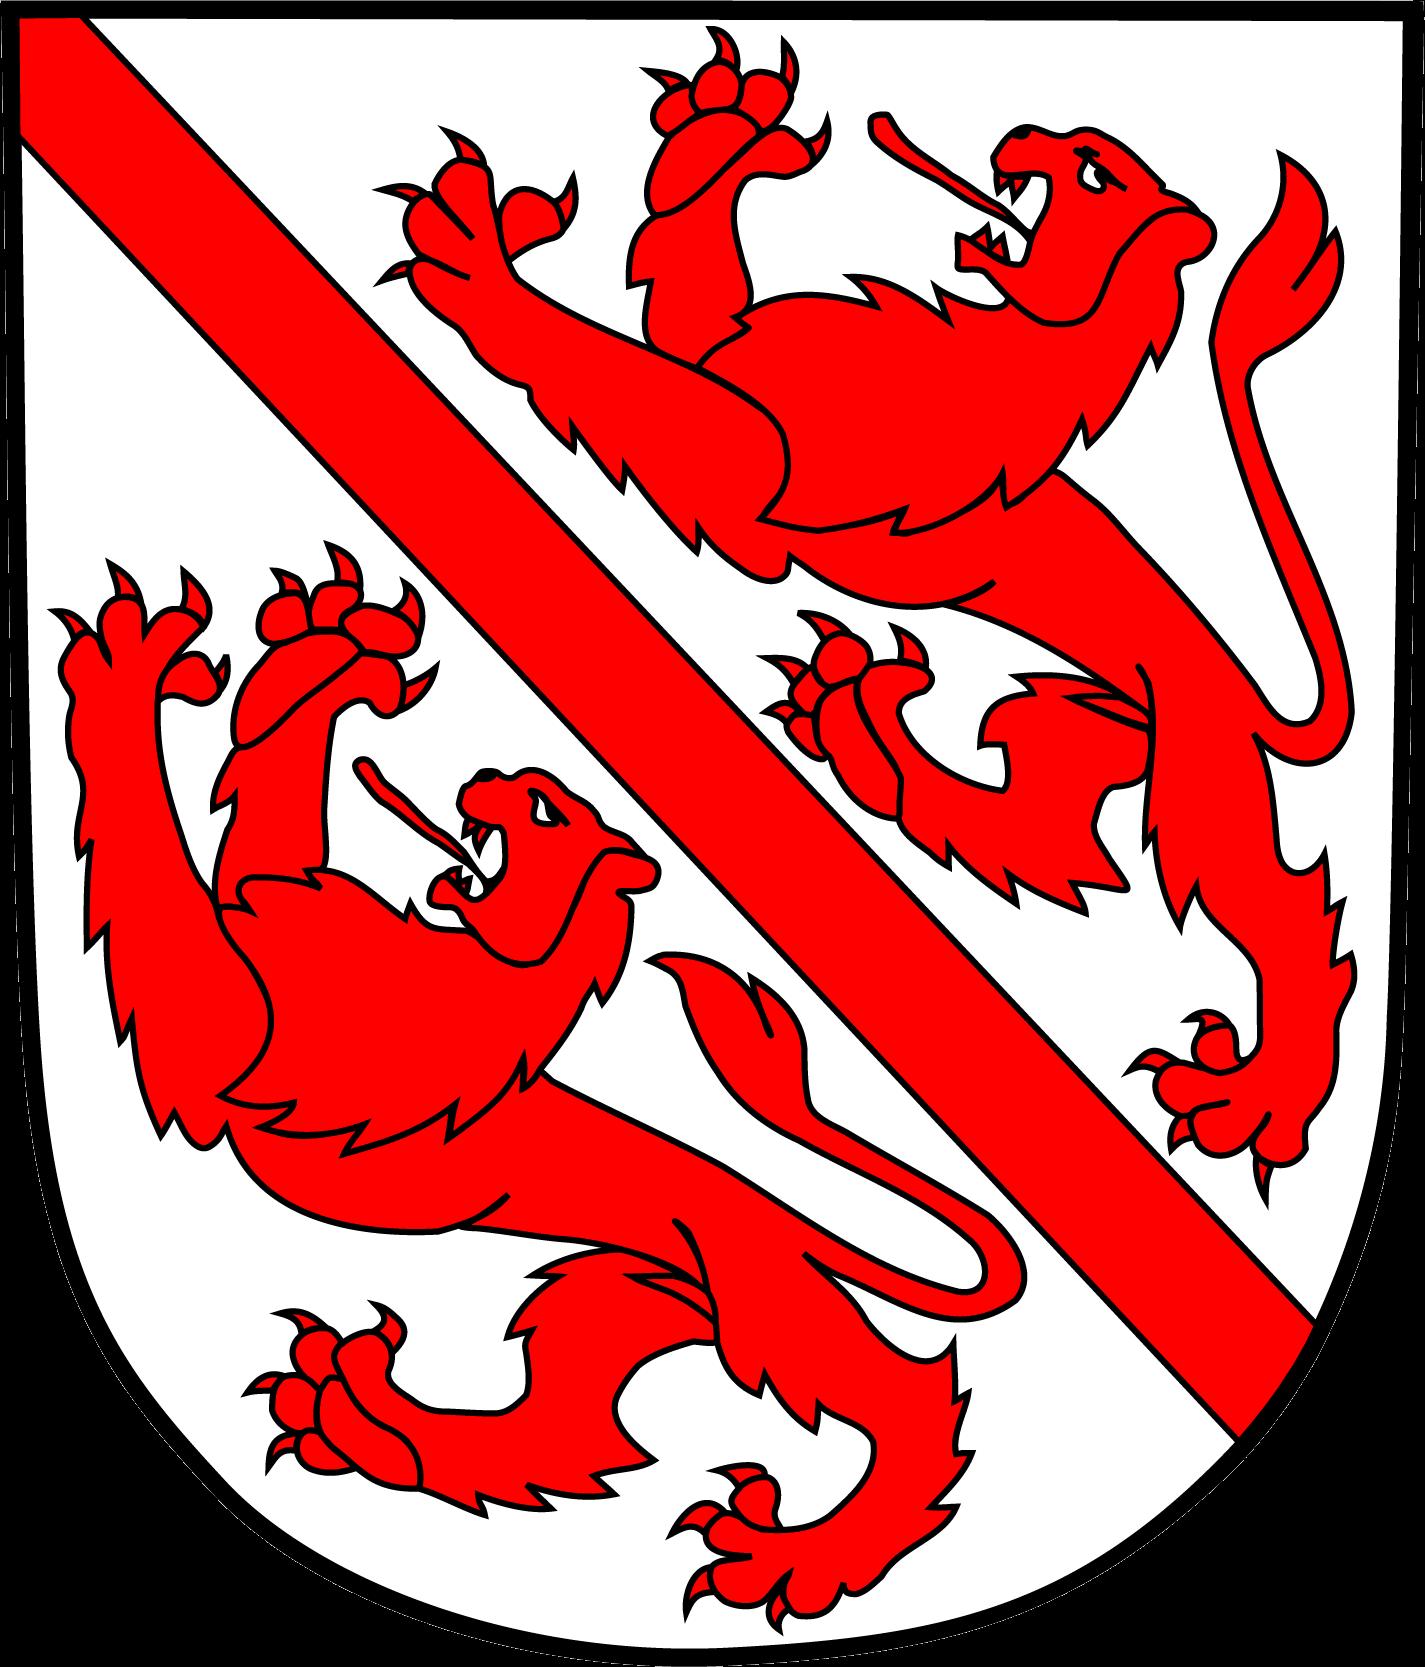 Wappen der Stadt Winterthur